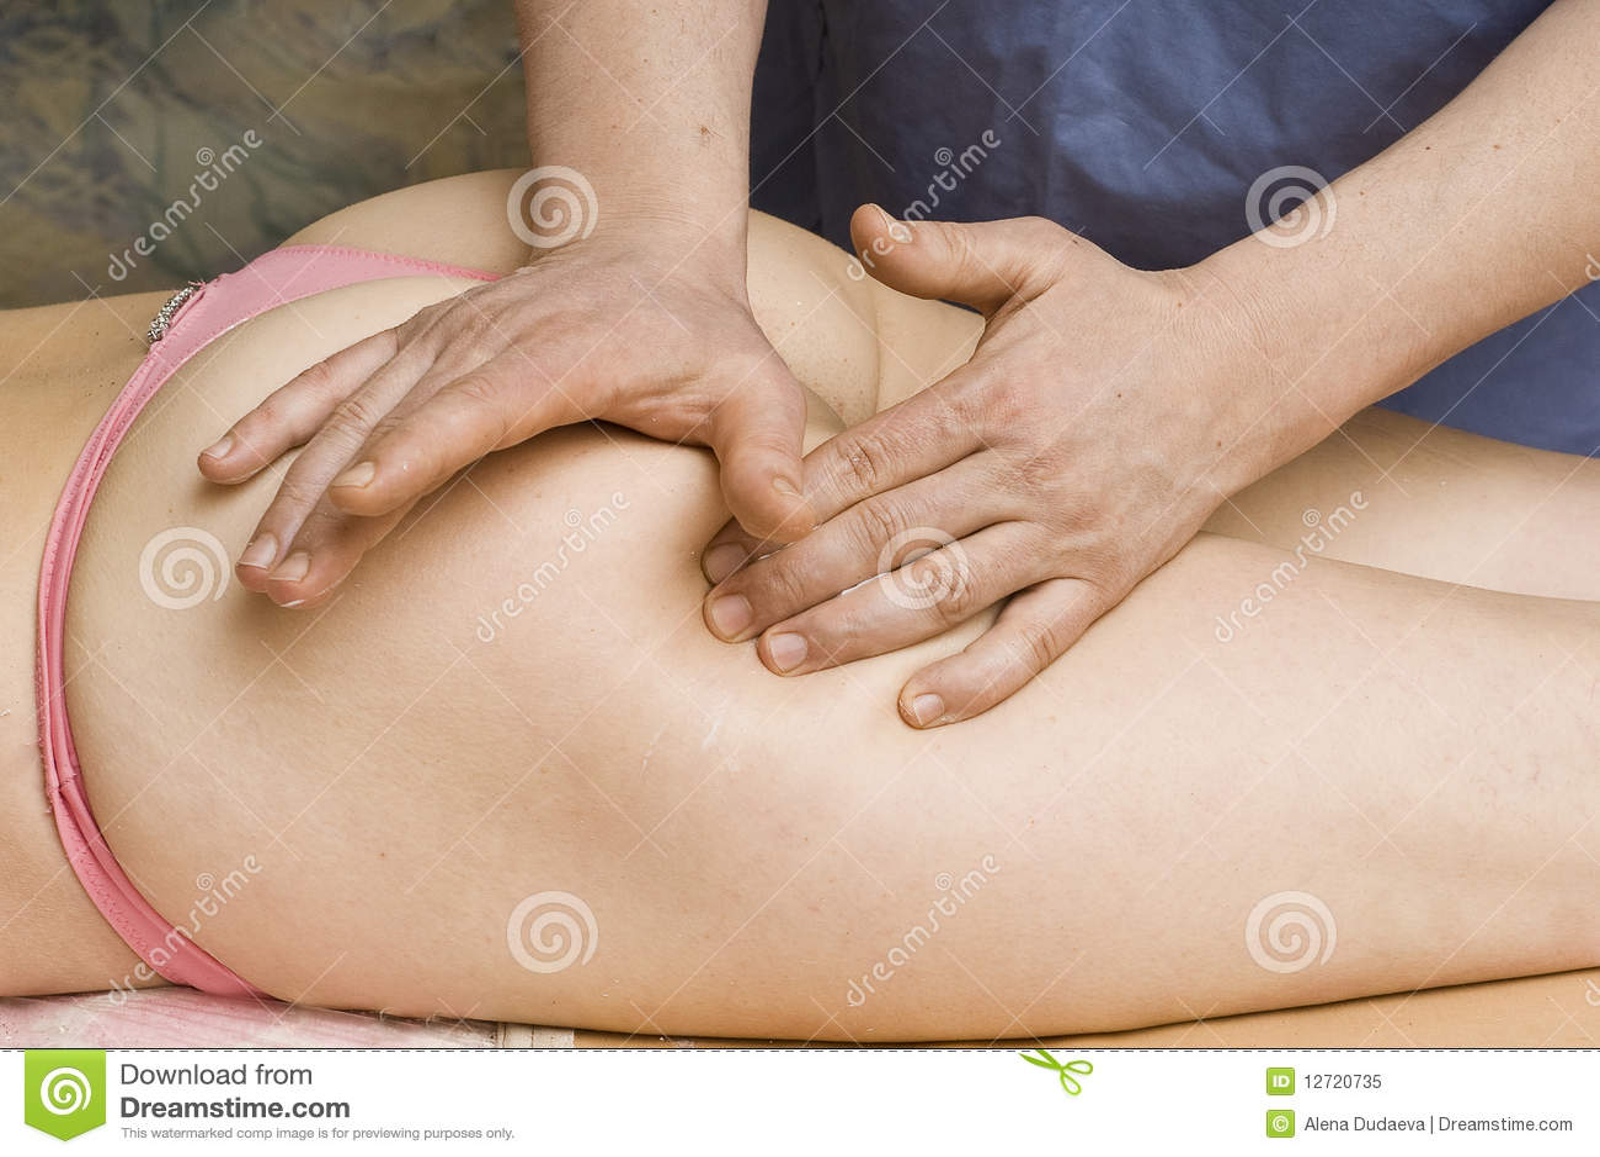 Секс русский с зрелой после массажа, массаж зрелых: смотреть русское порно видео онлайн 25 фотография